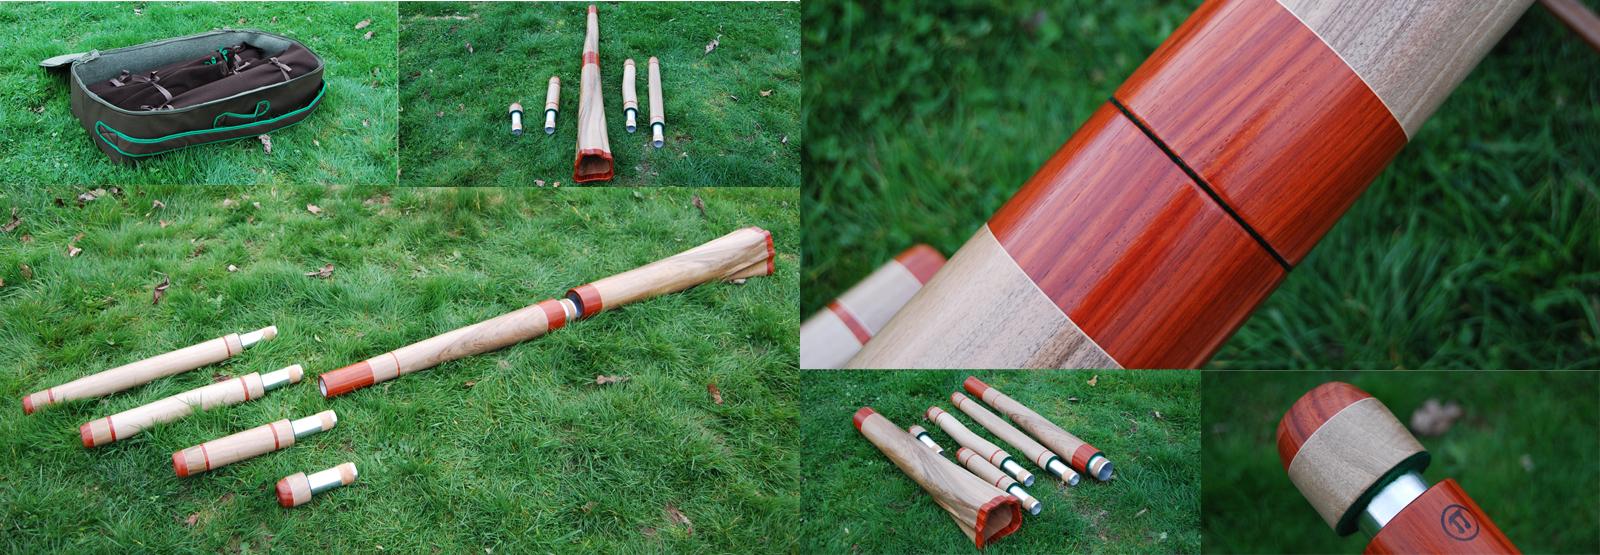 Pivert-Didgeridoos_91_TnT